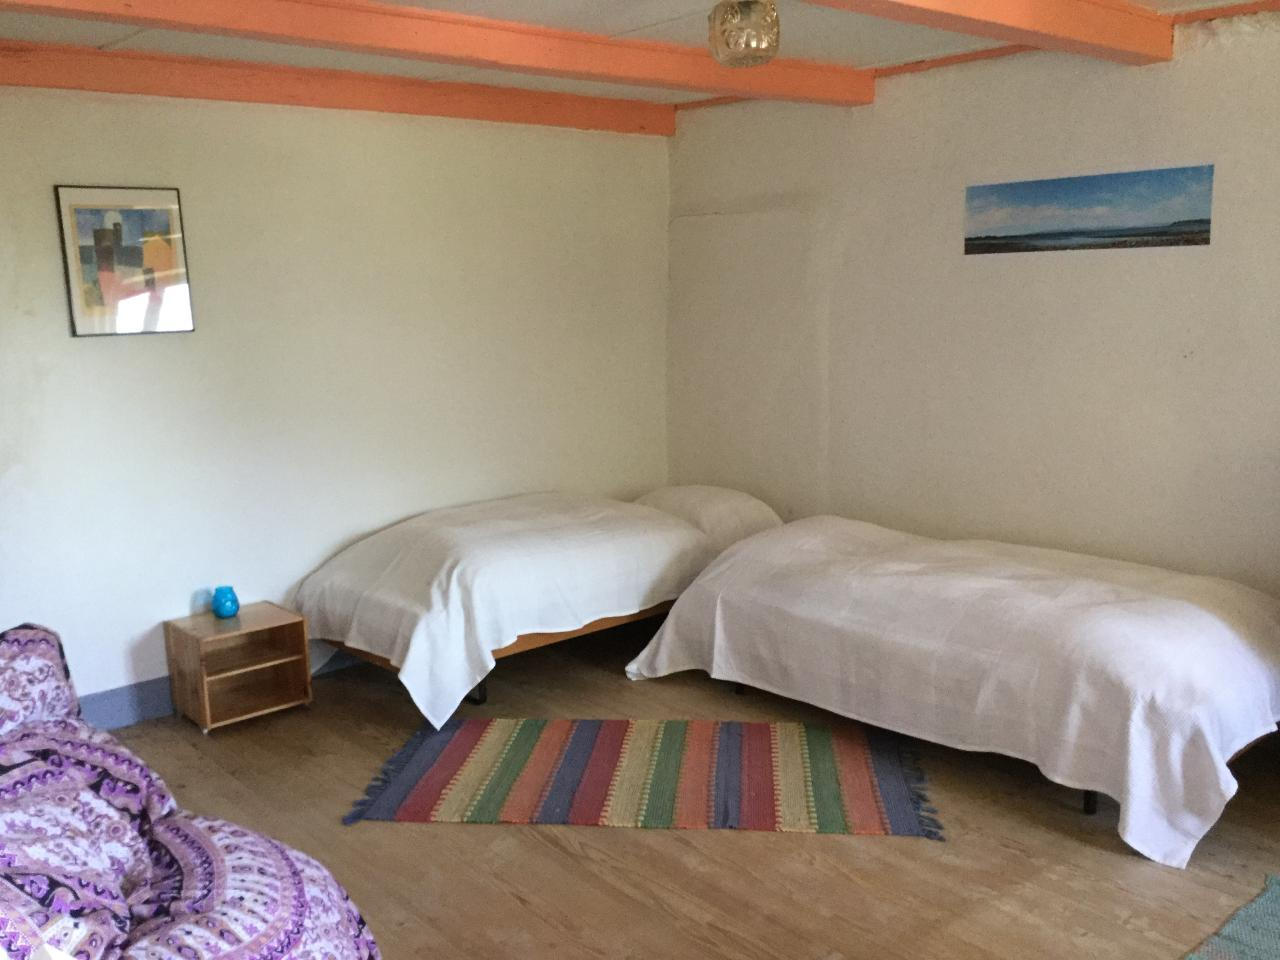 Maison de vacances Traumferienhaus (744814), Cevio, Vallée de la Maggia, Tessin, Suisse, image 13